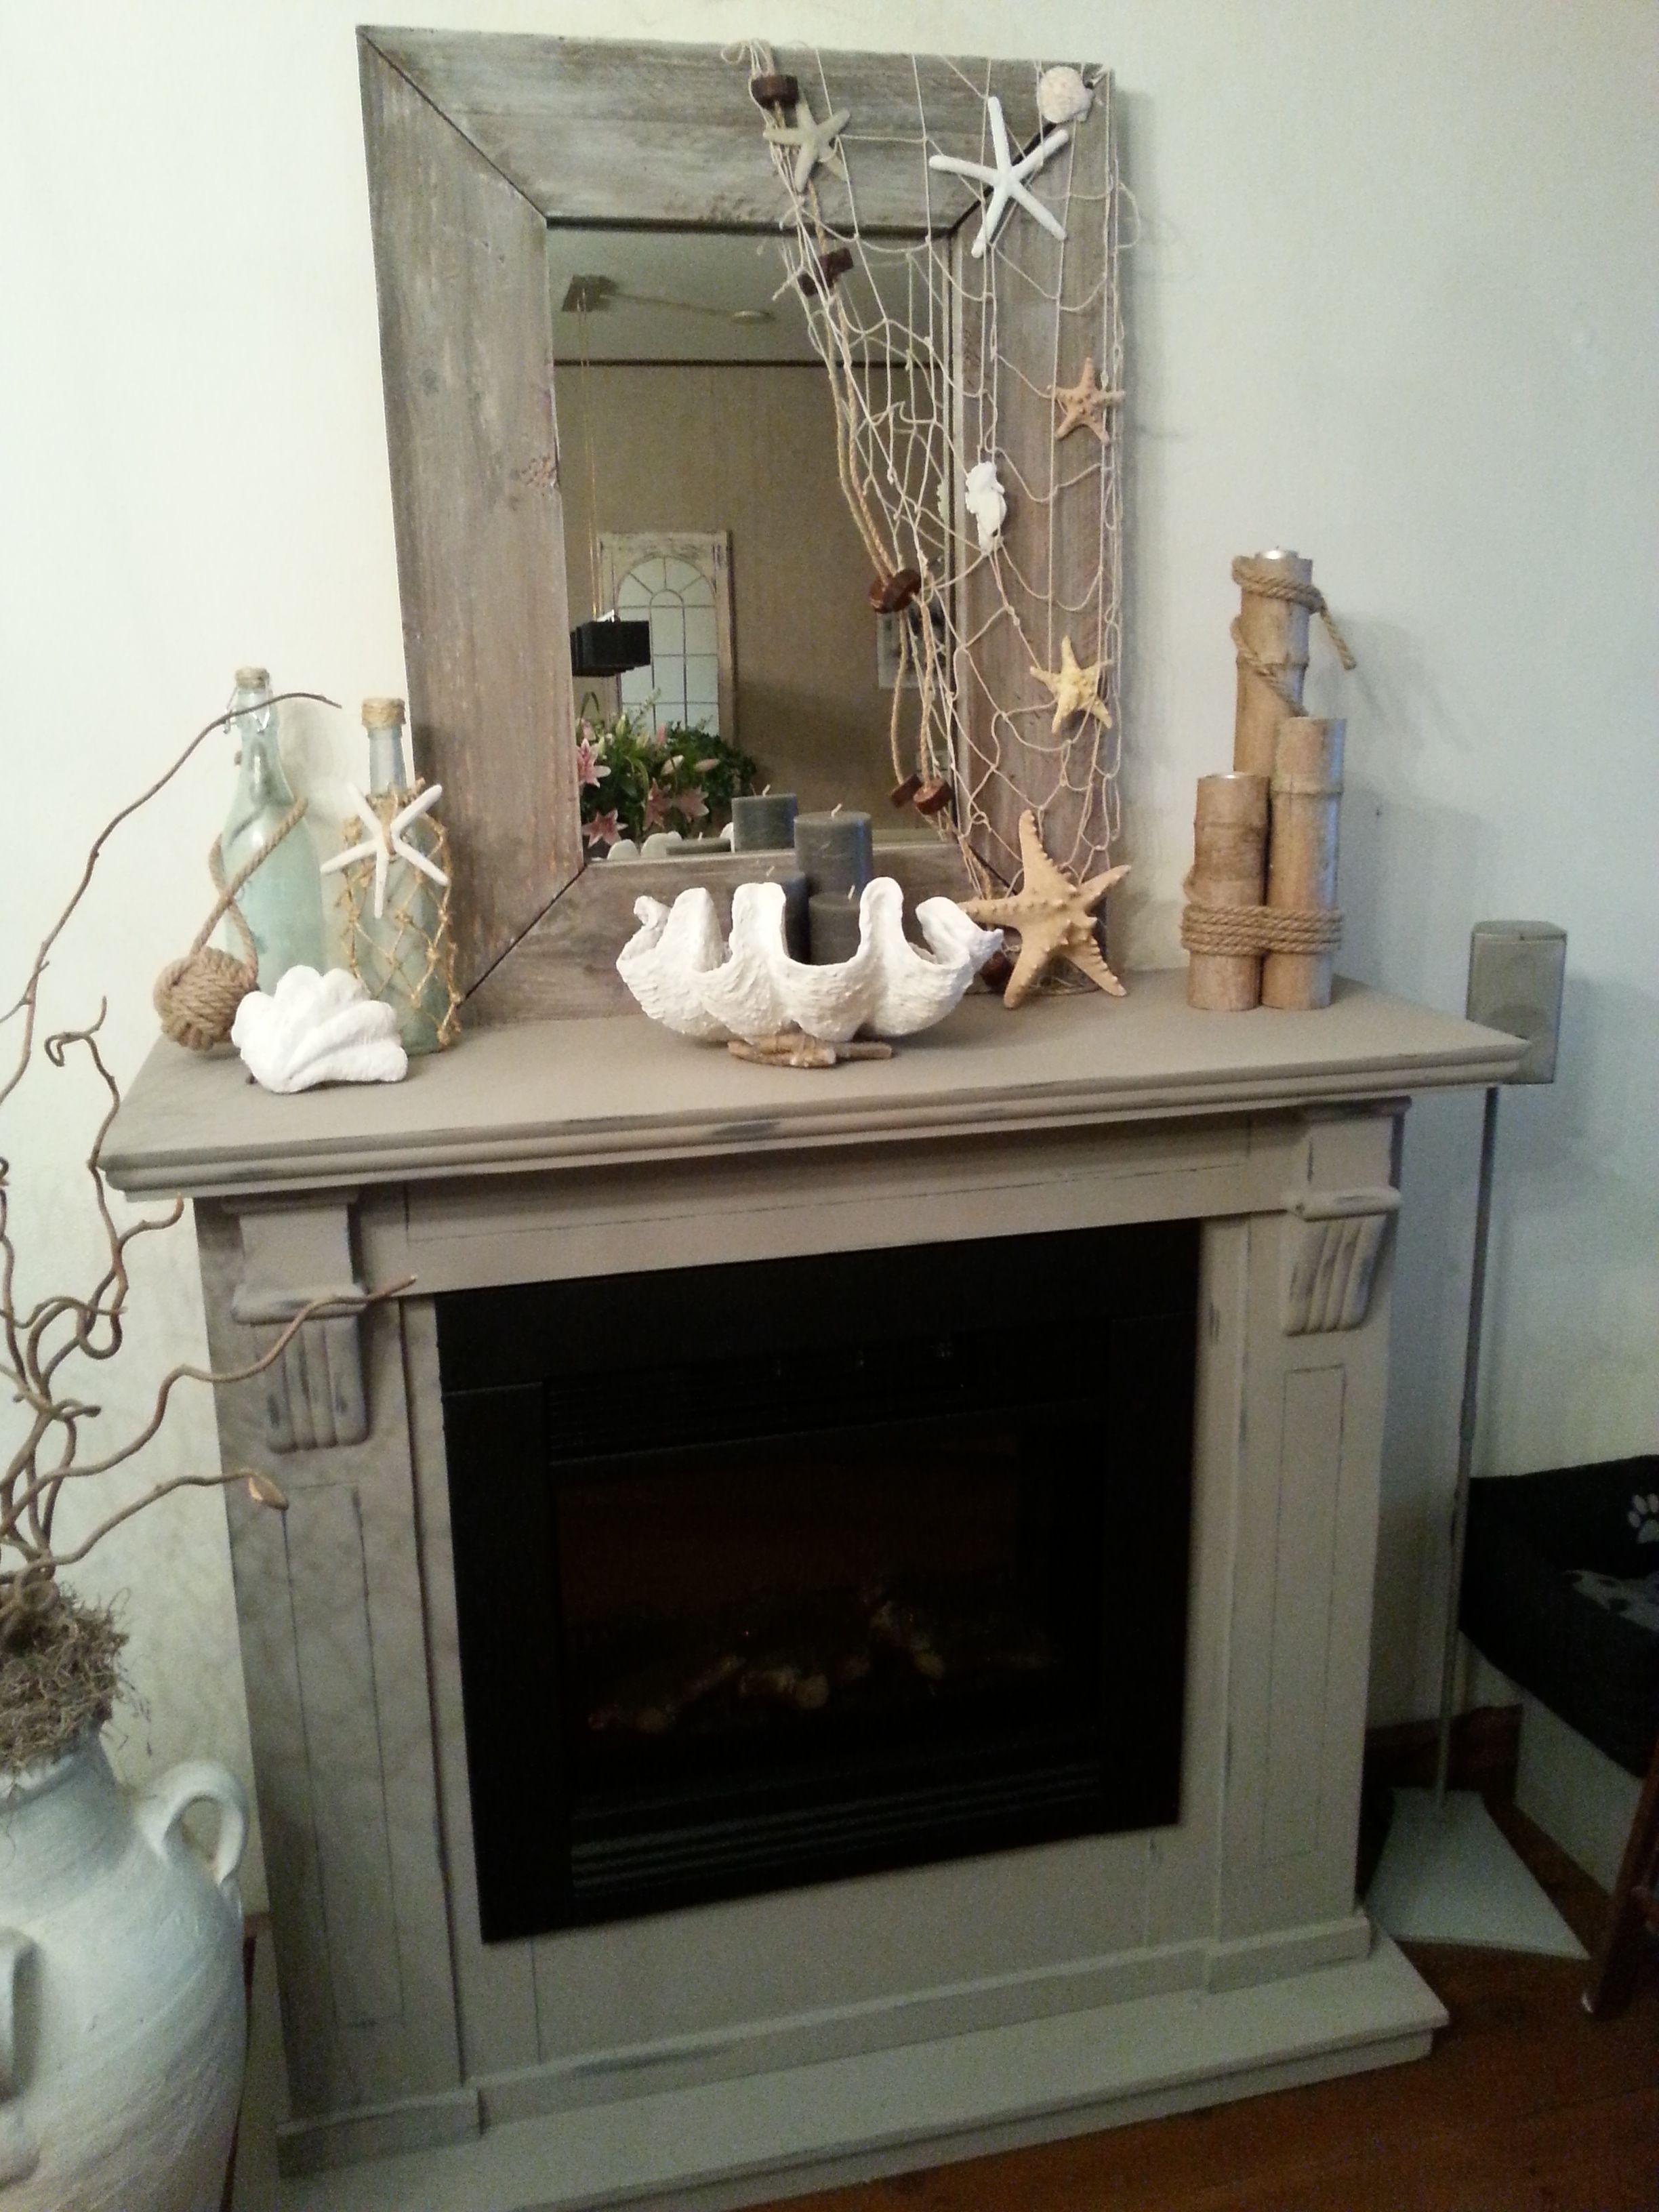 Schouw chalkpaint zelfgemaakte spiegel en decoratie